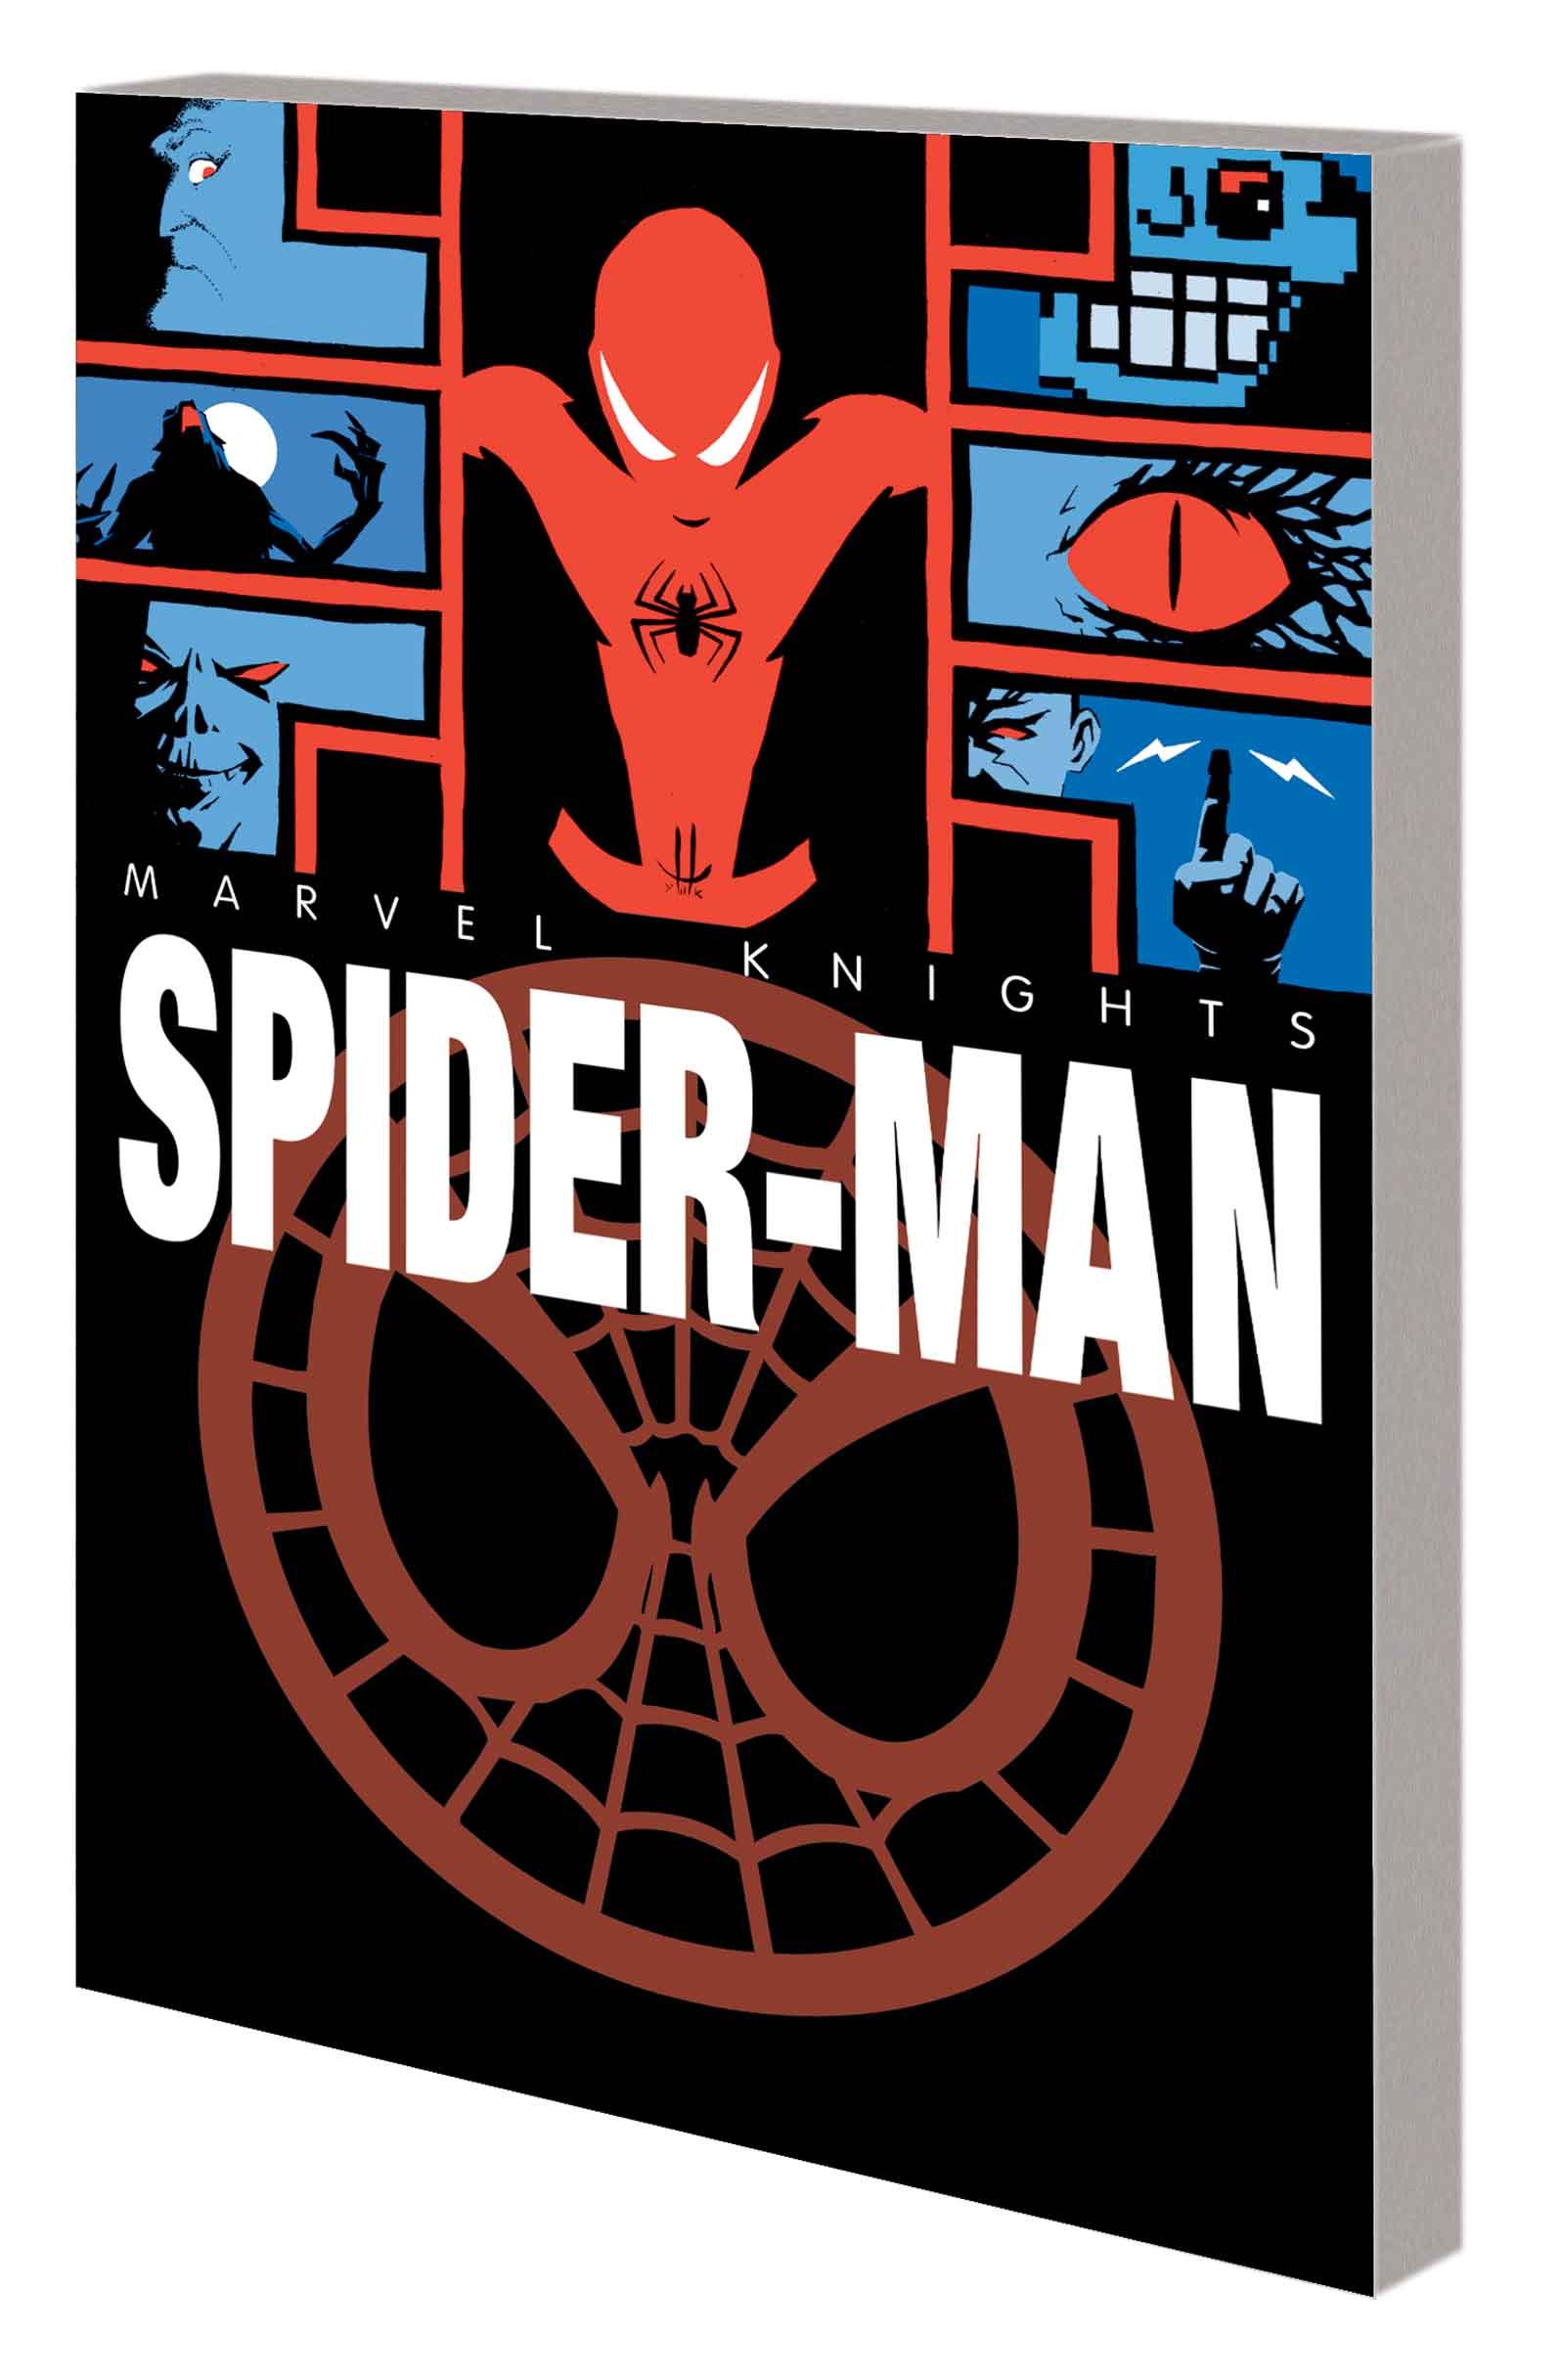 MARVEL KNIGHTS: SPIDER-MAN - FIGHT NIGHT TPB (Trade Paperback)